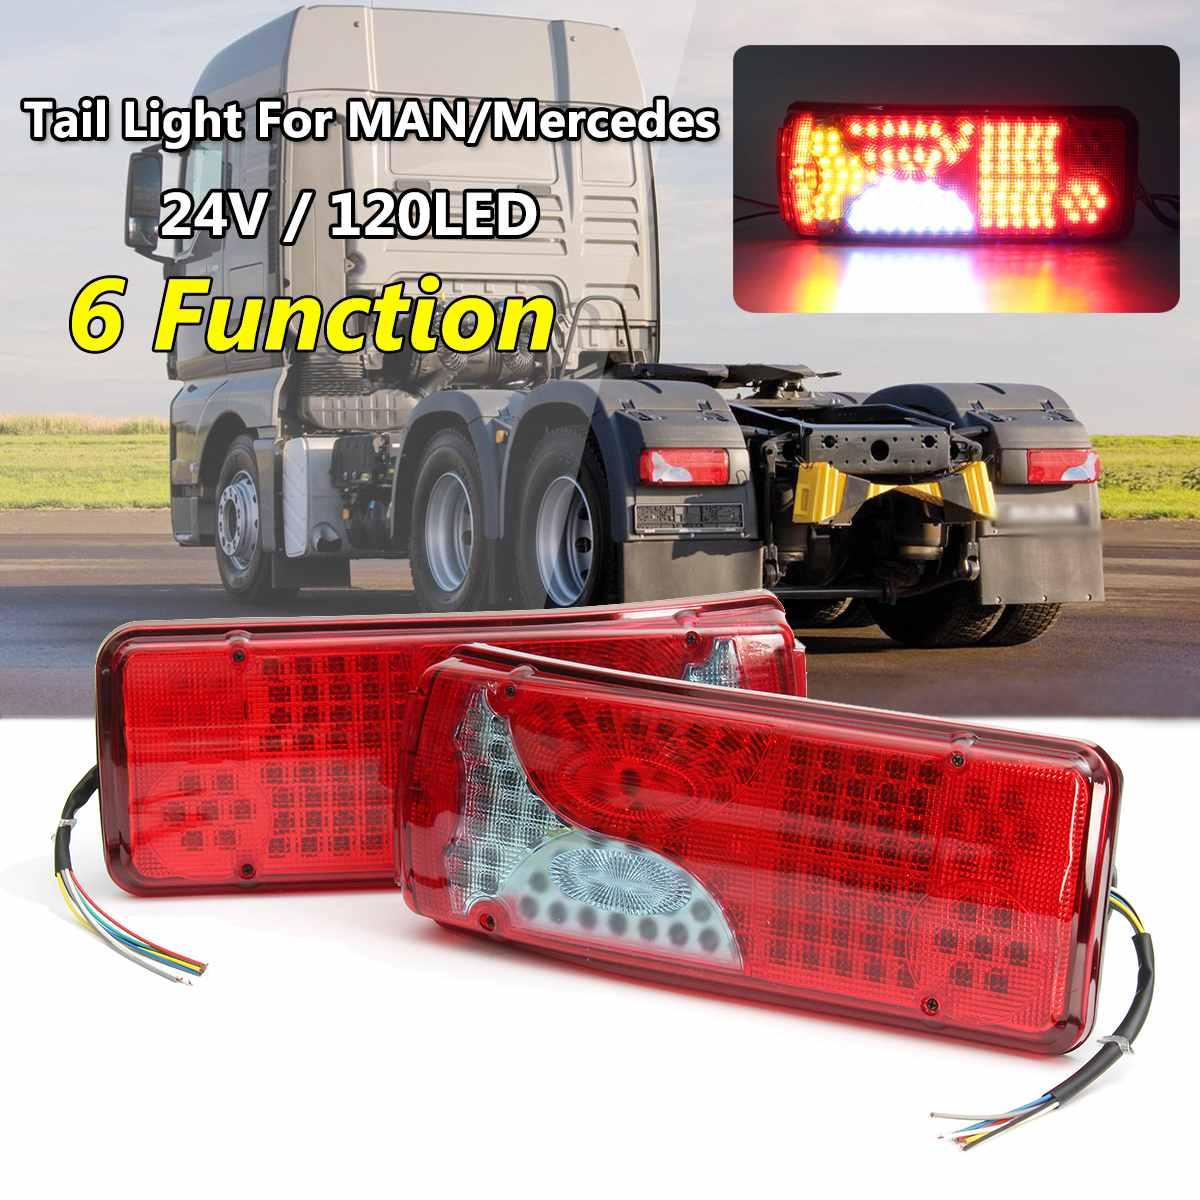 1 paire 24 V voiture feu stop camion remorque camion 120LED queue arrière feu antibrouillard pour homme pour DAF pour TGX pour SCANIA